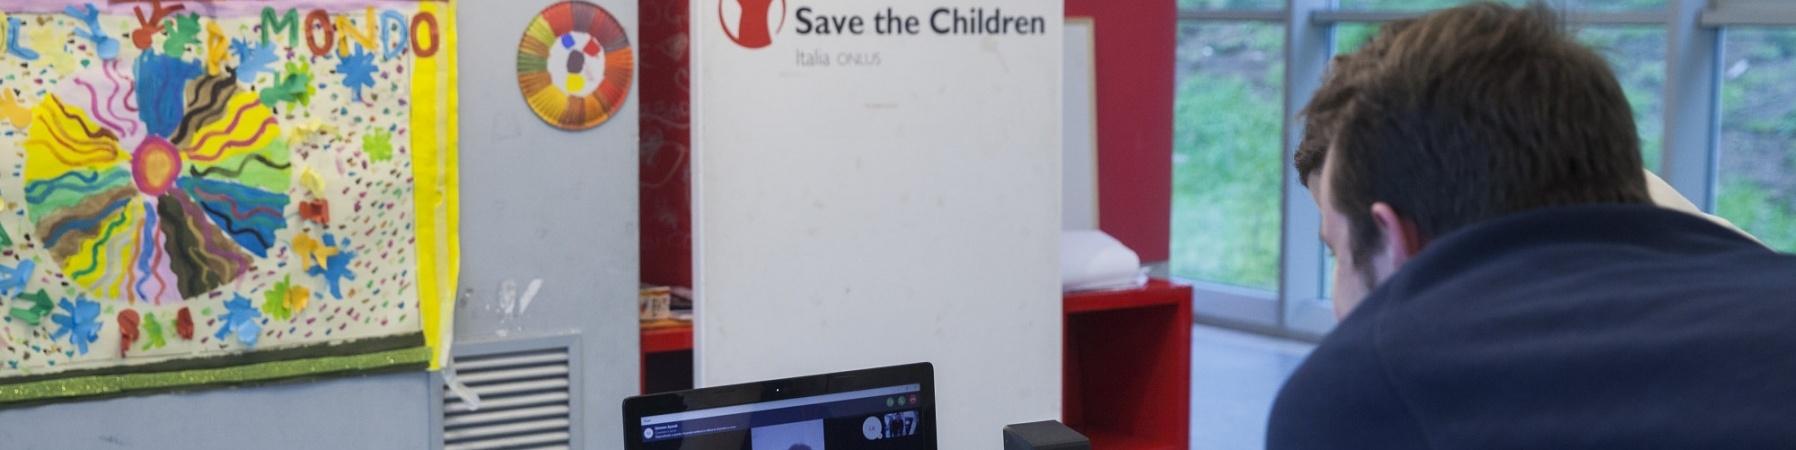 operatore di save the children italia davanti al pc in collegamento con un ragazzo